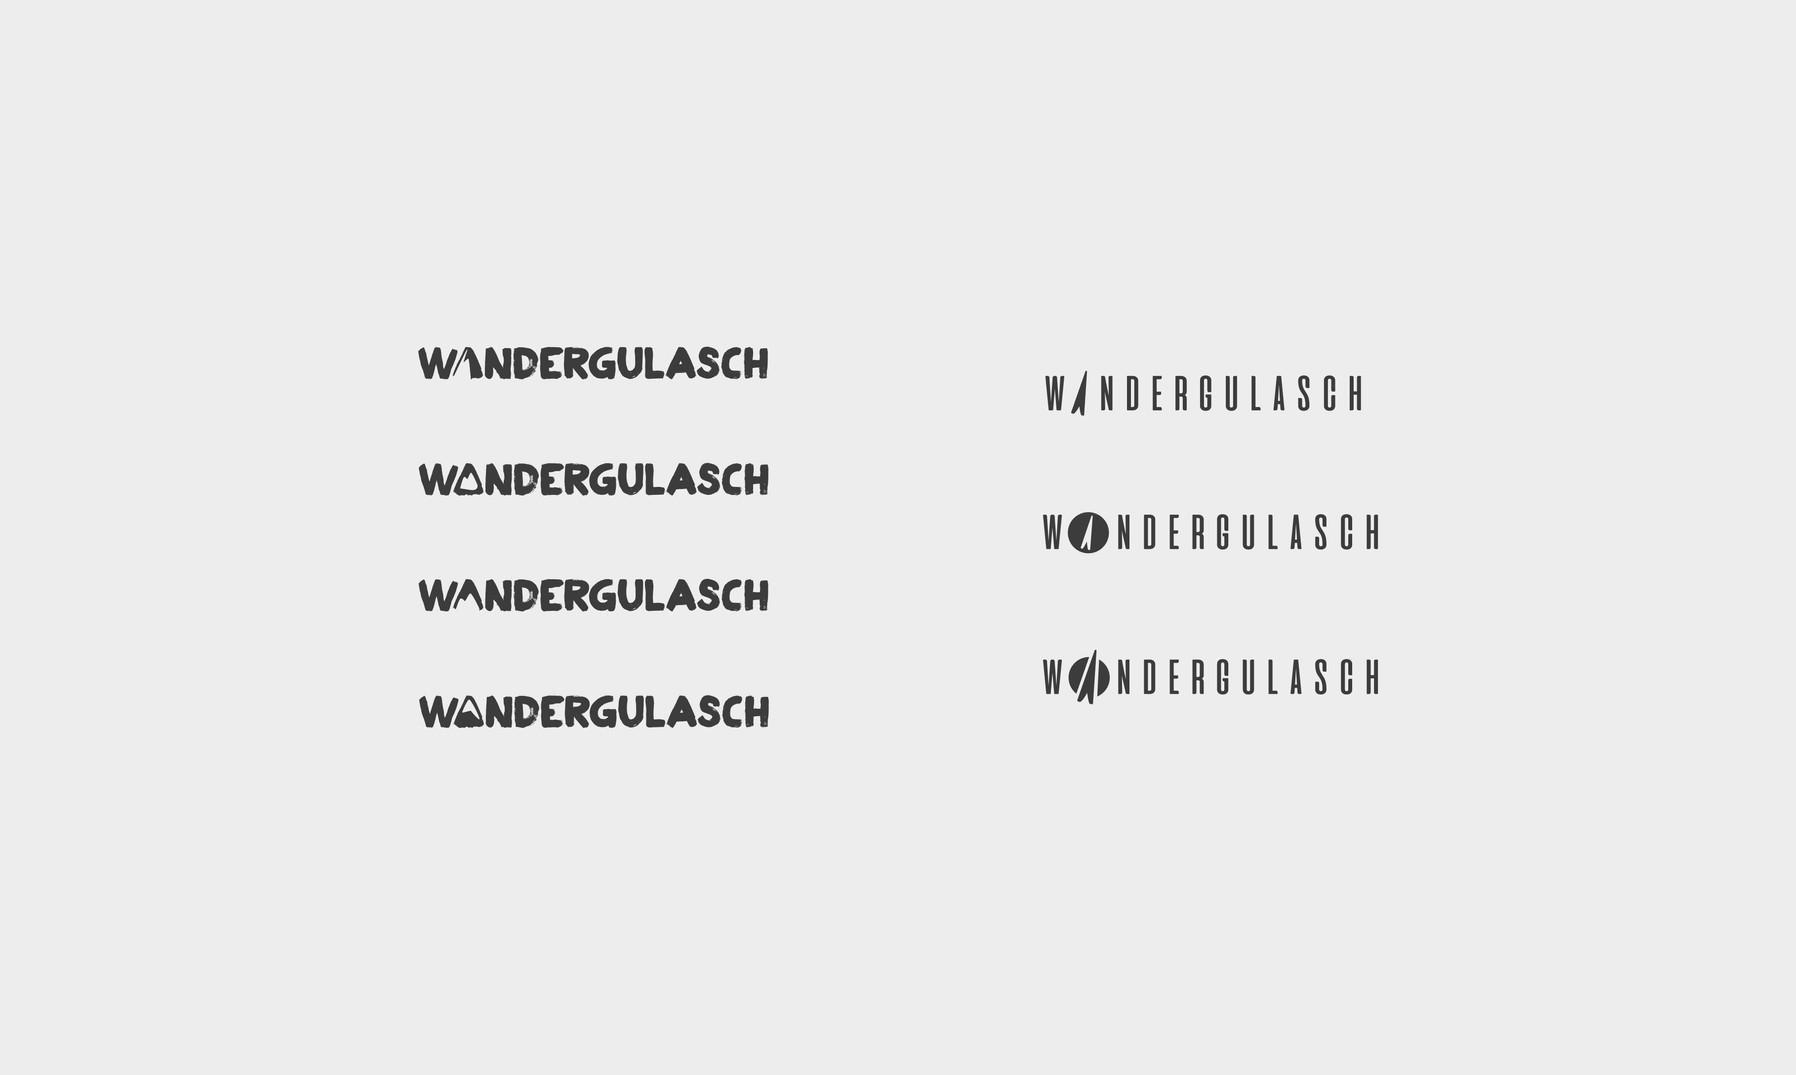 WANDERGULASCH_ALTERNATIVE_Zeichenfläch